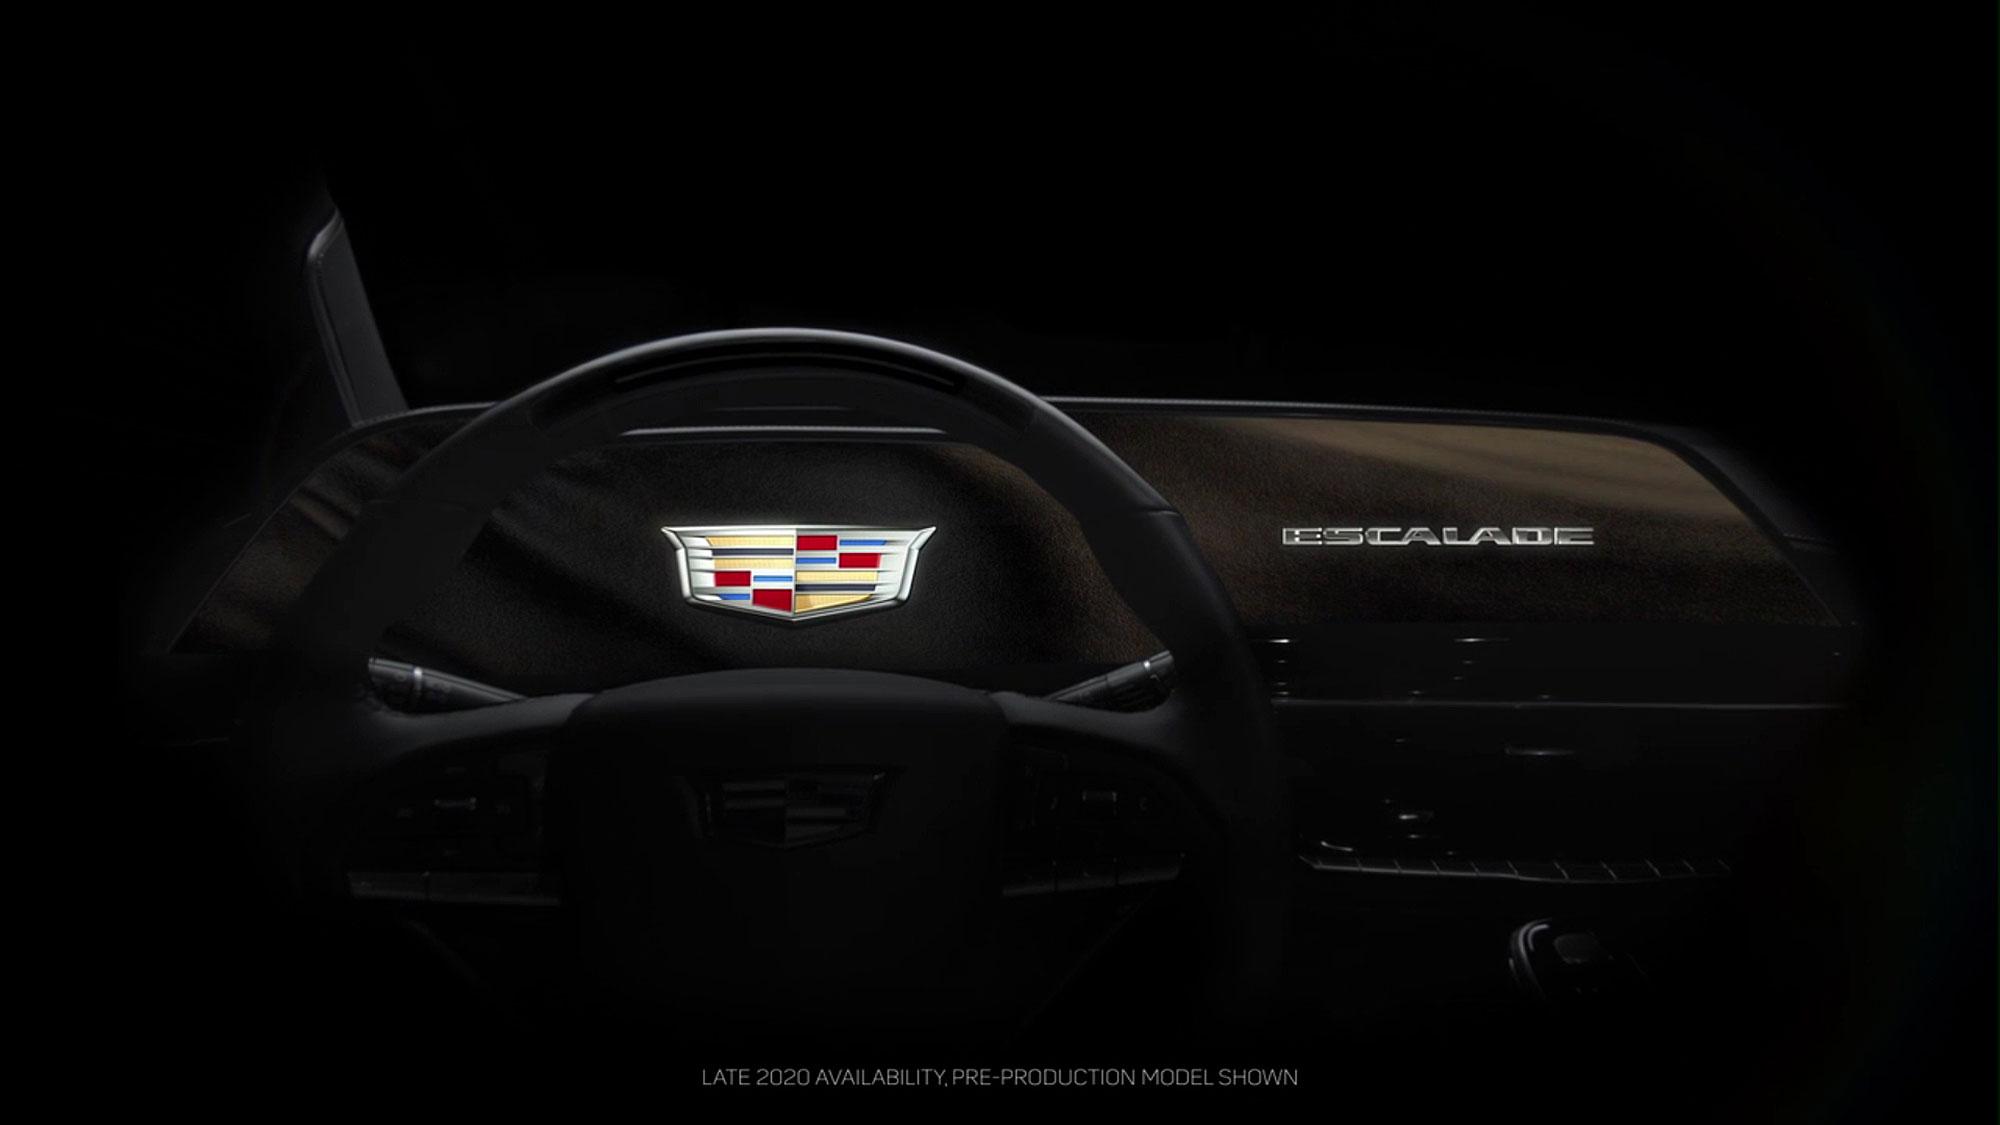 Escalade 未來將會植入尺寸高達 38 吋的曲面 OLED 螢幕。